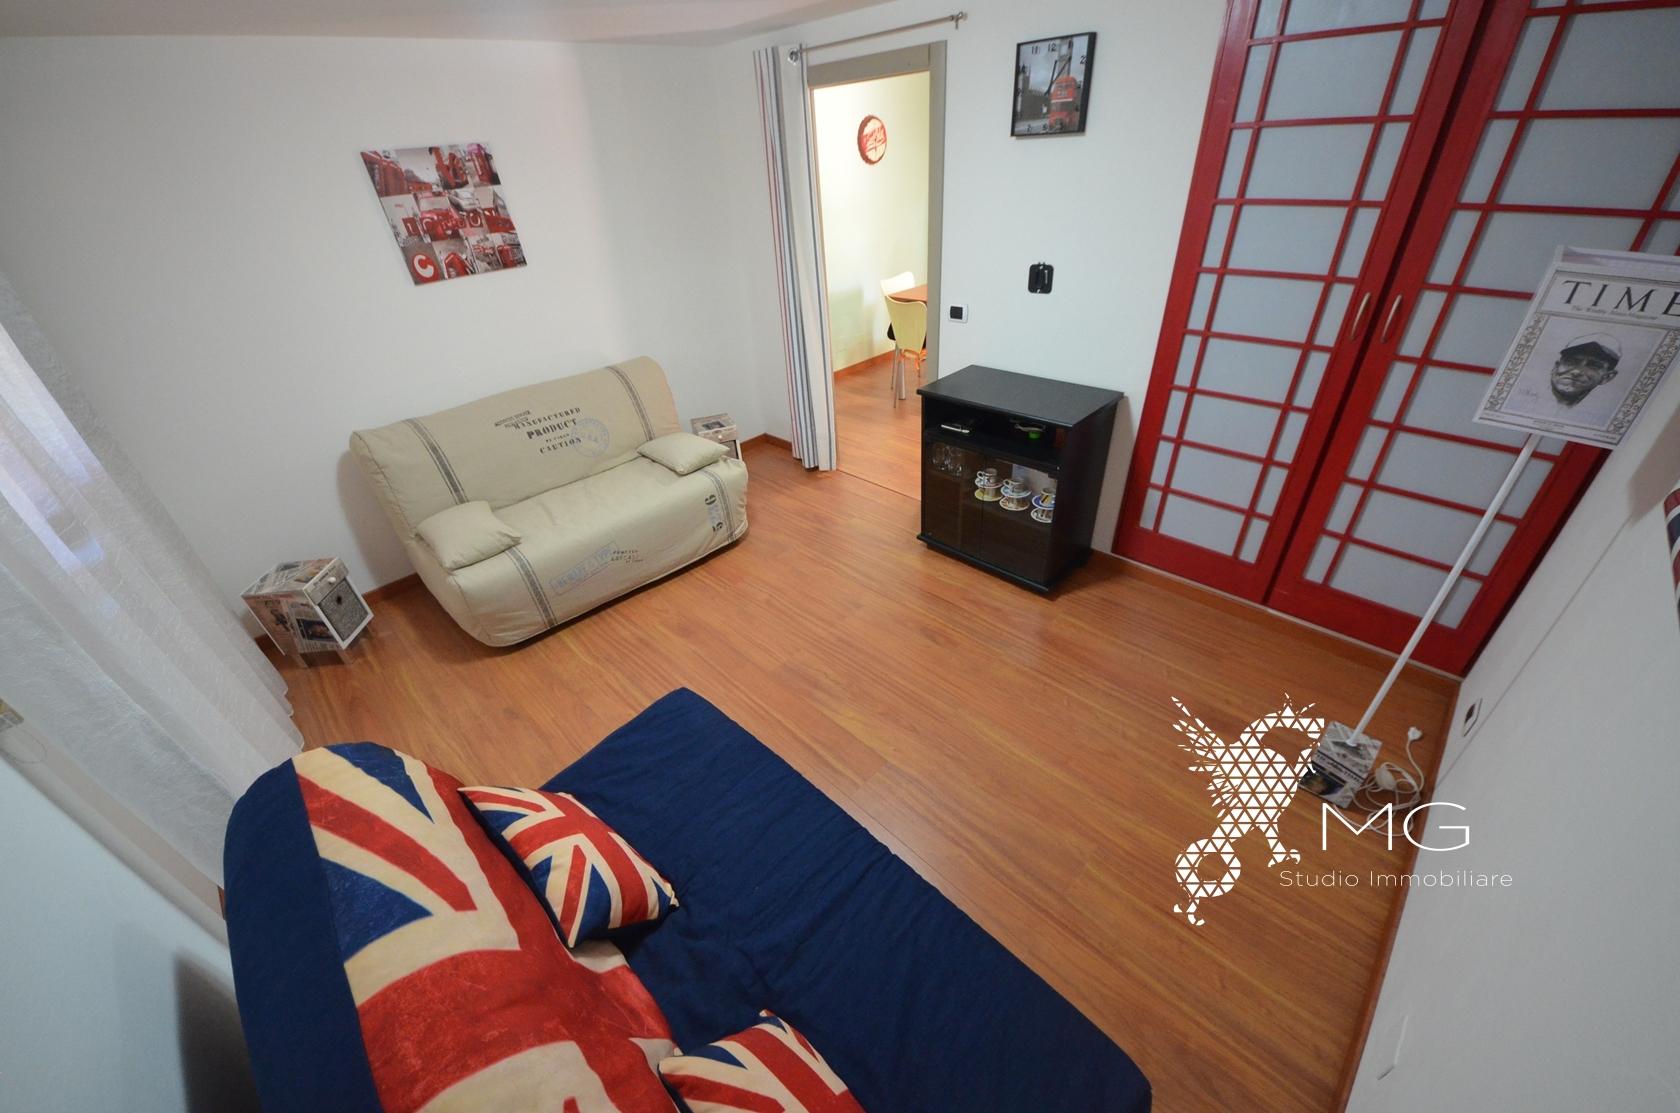 Appartamento in vendita a rosignano marittimo cod 515m for Planimetrie seminterrato da 1000 piedi quadrati